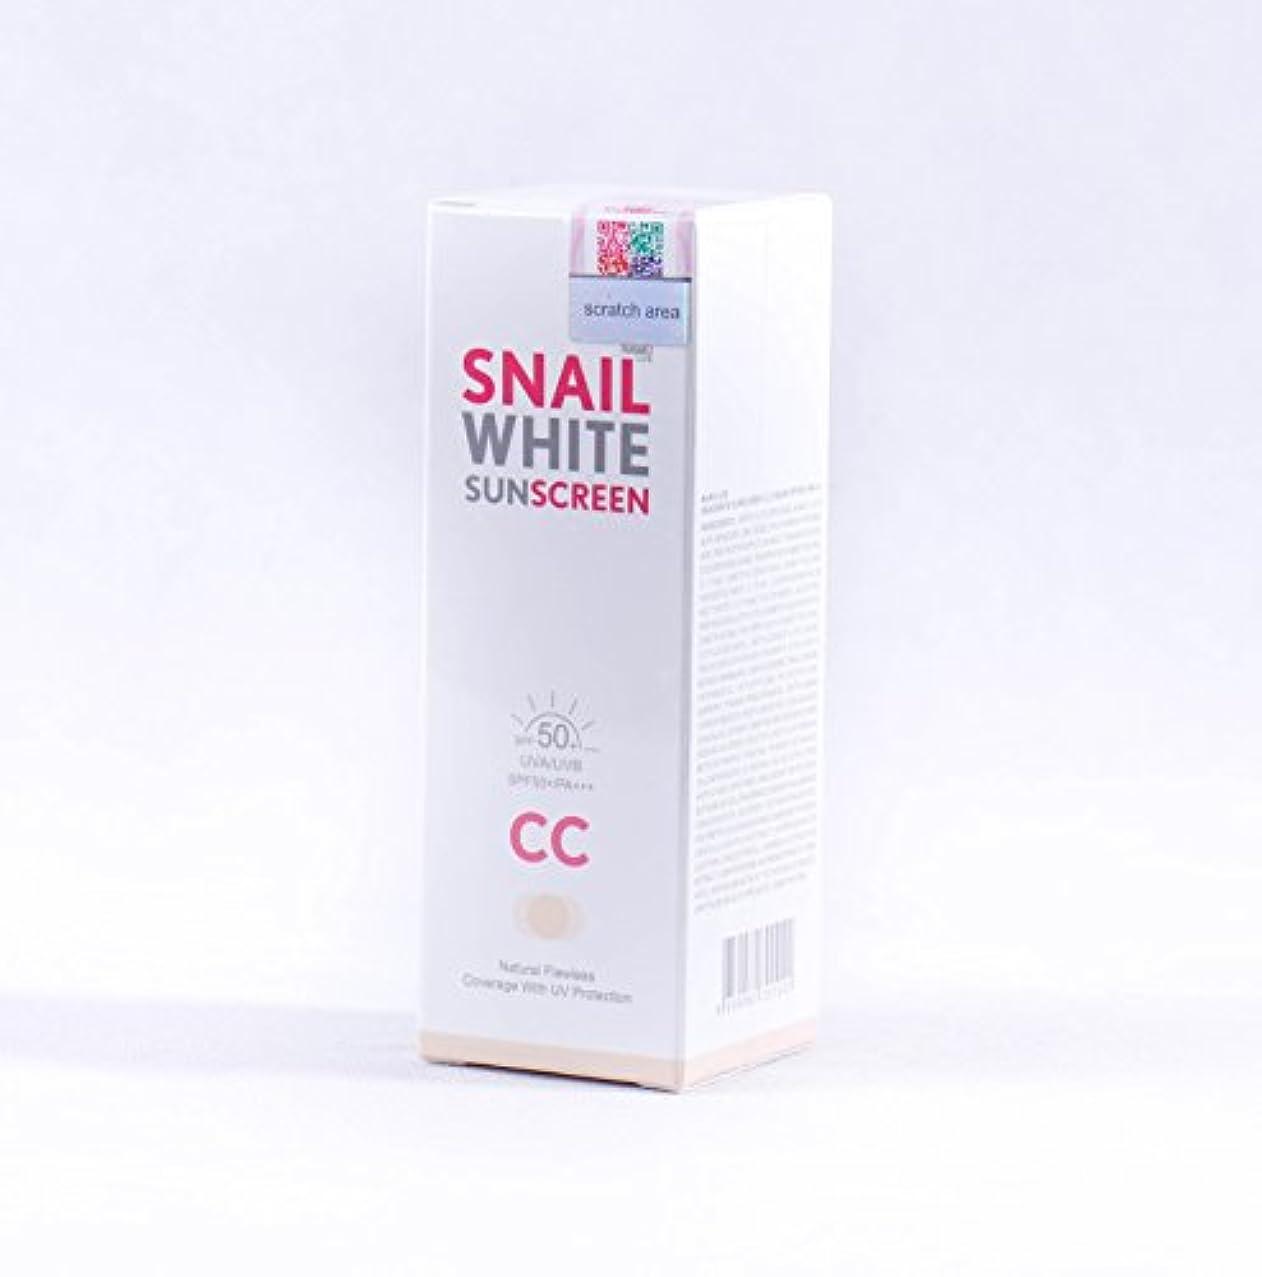 数学者シリーズながらナムライフスパイシャンサンクスクリームSPF50 + / PA +++ 50 ml ホワイトニング NAMU LIFE SNAILWHITE SUNSCREEN CC CREAM SPF50 + / PA +++ 50 ml